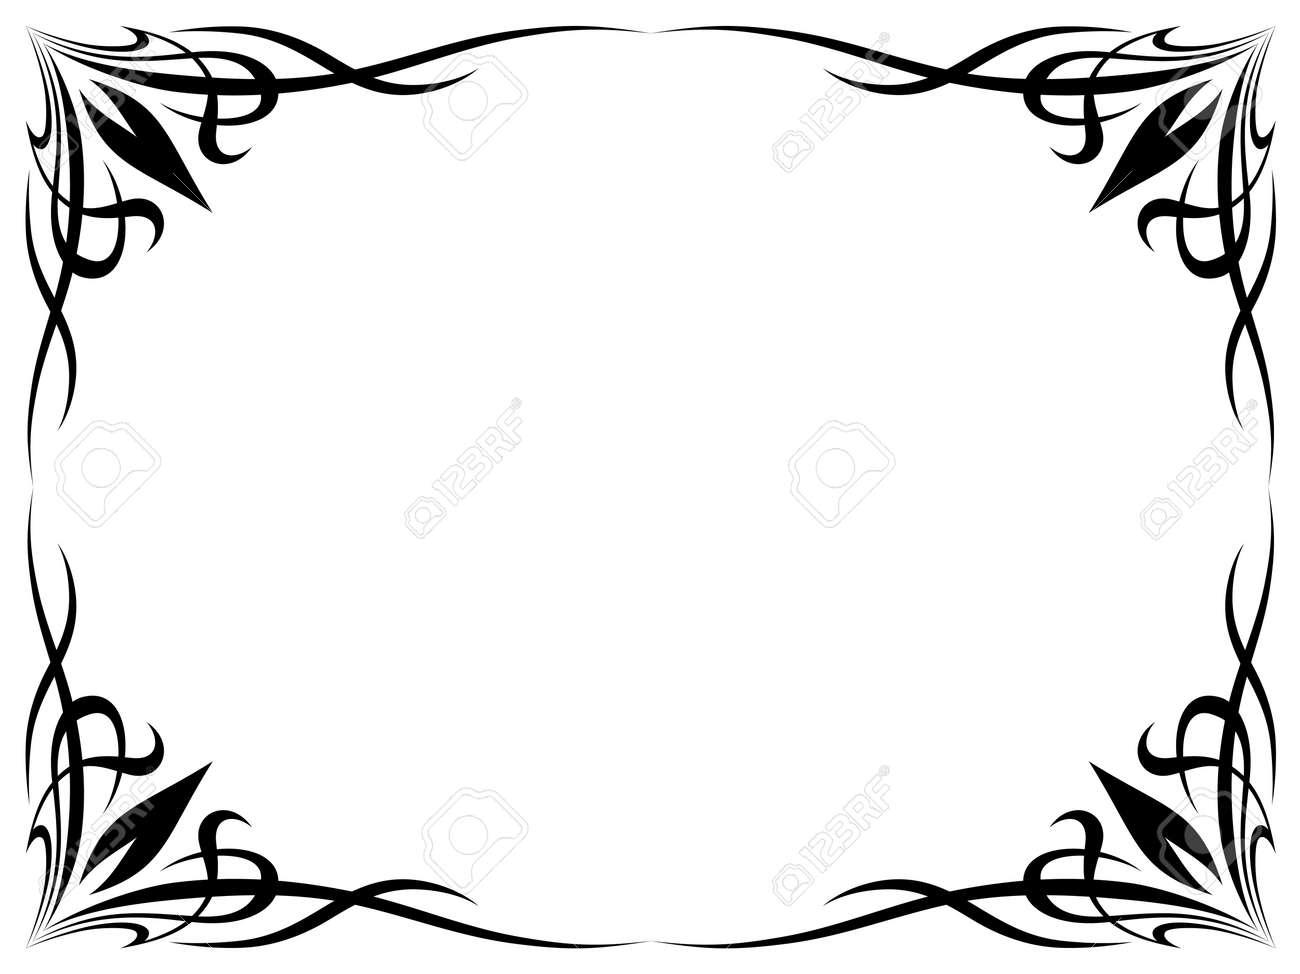 Top Simples Tatouage Noir Ornement Isolés Cadre Décoratif Clip Art  UR42